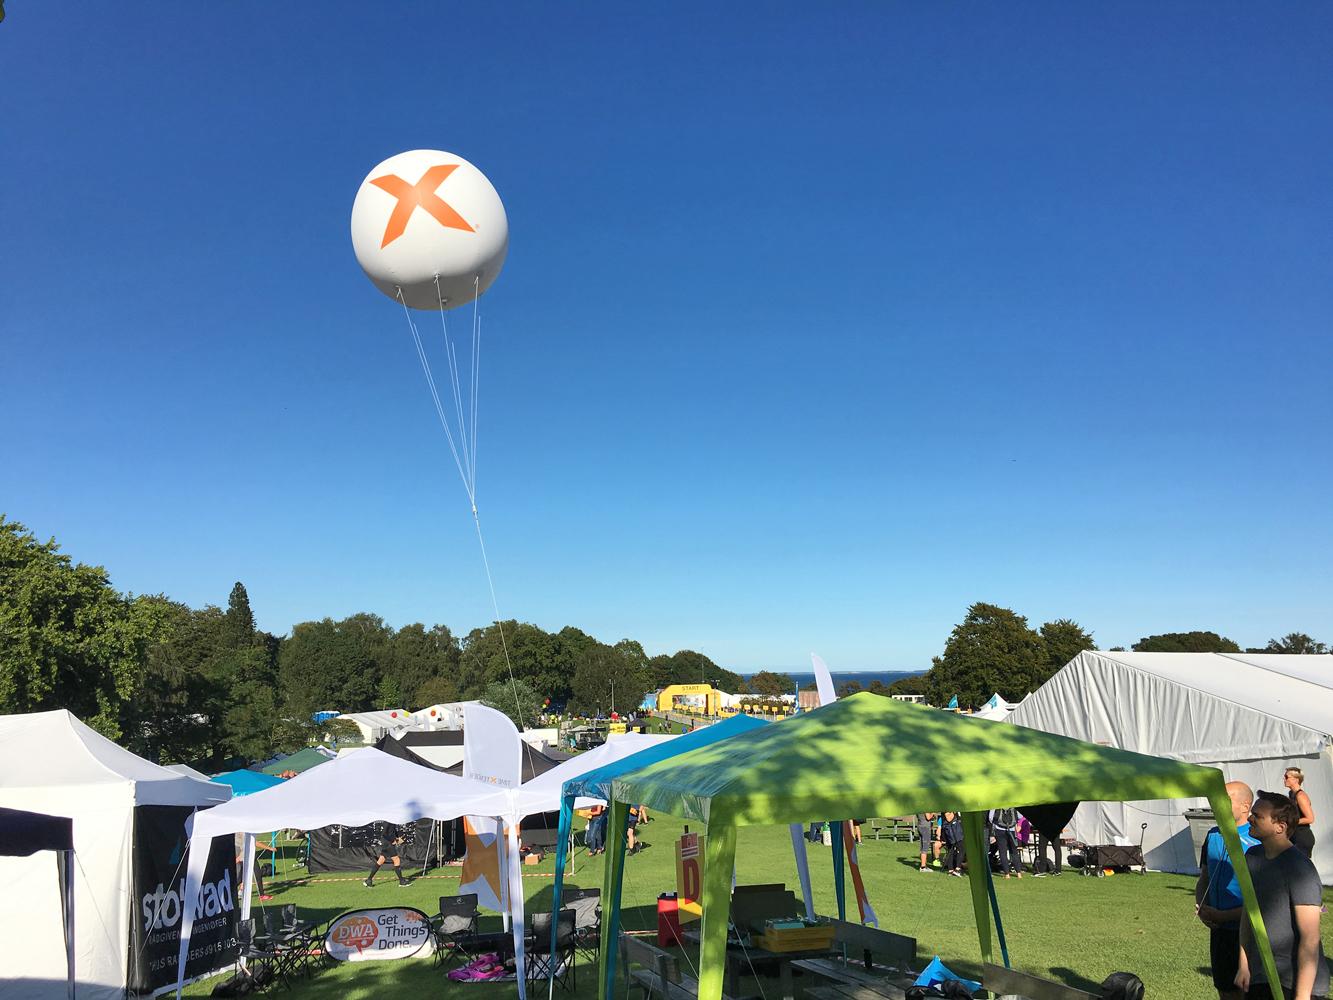 Kæmpe balloner med helium